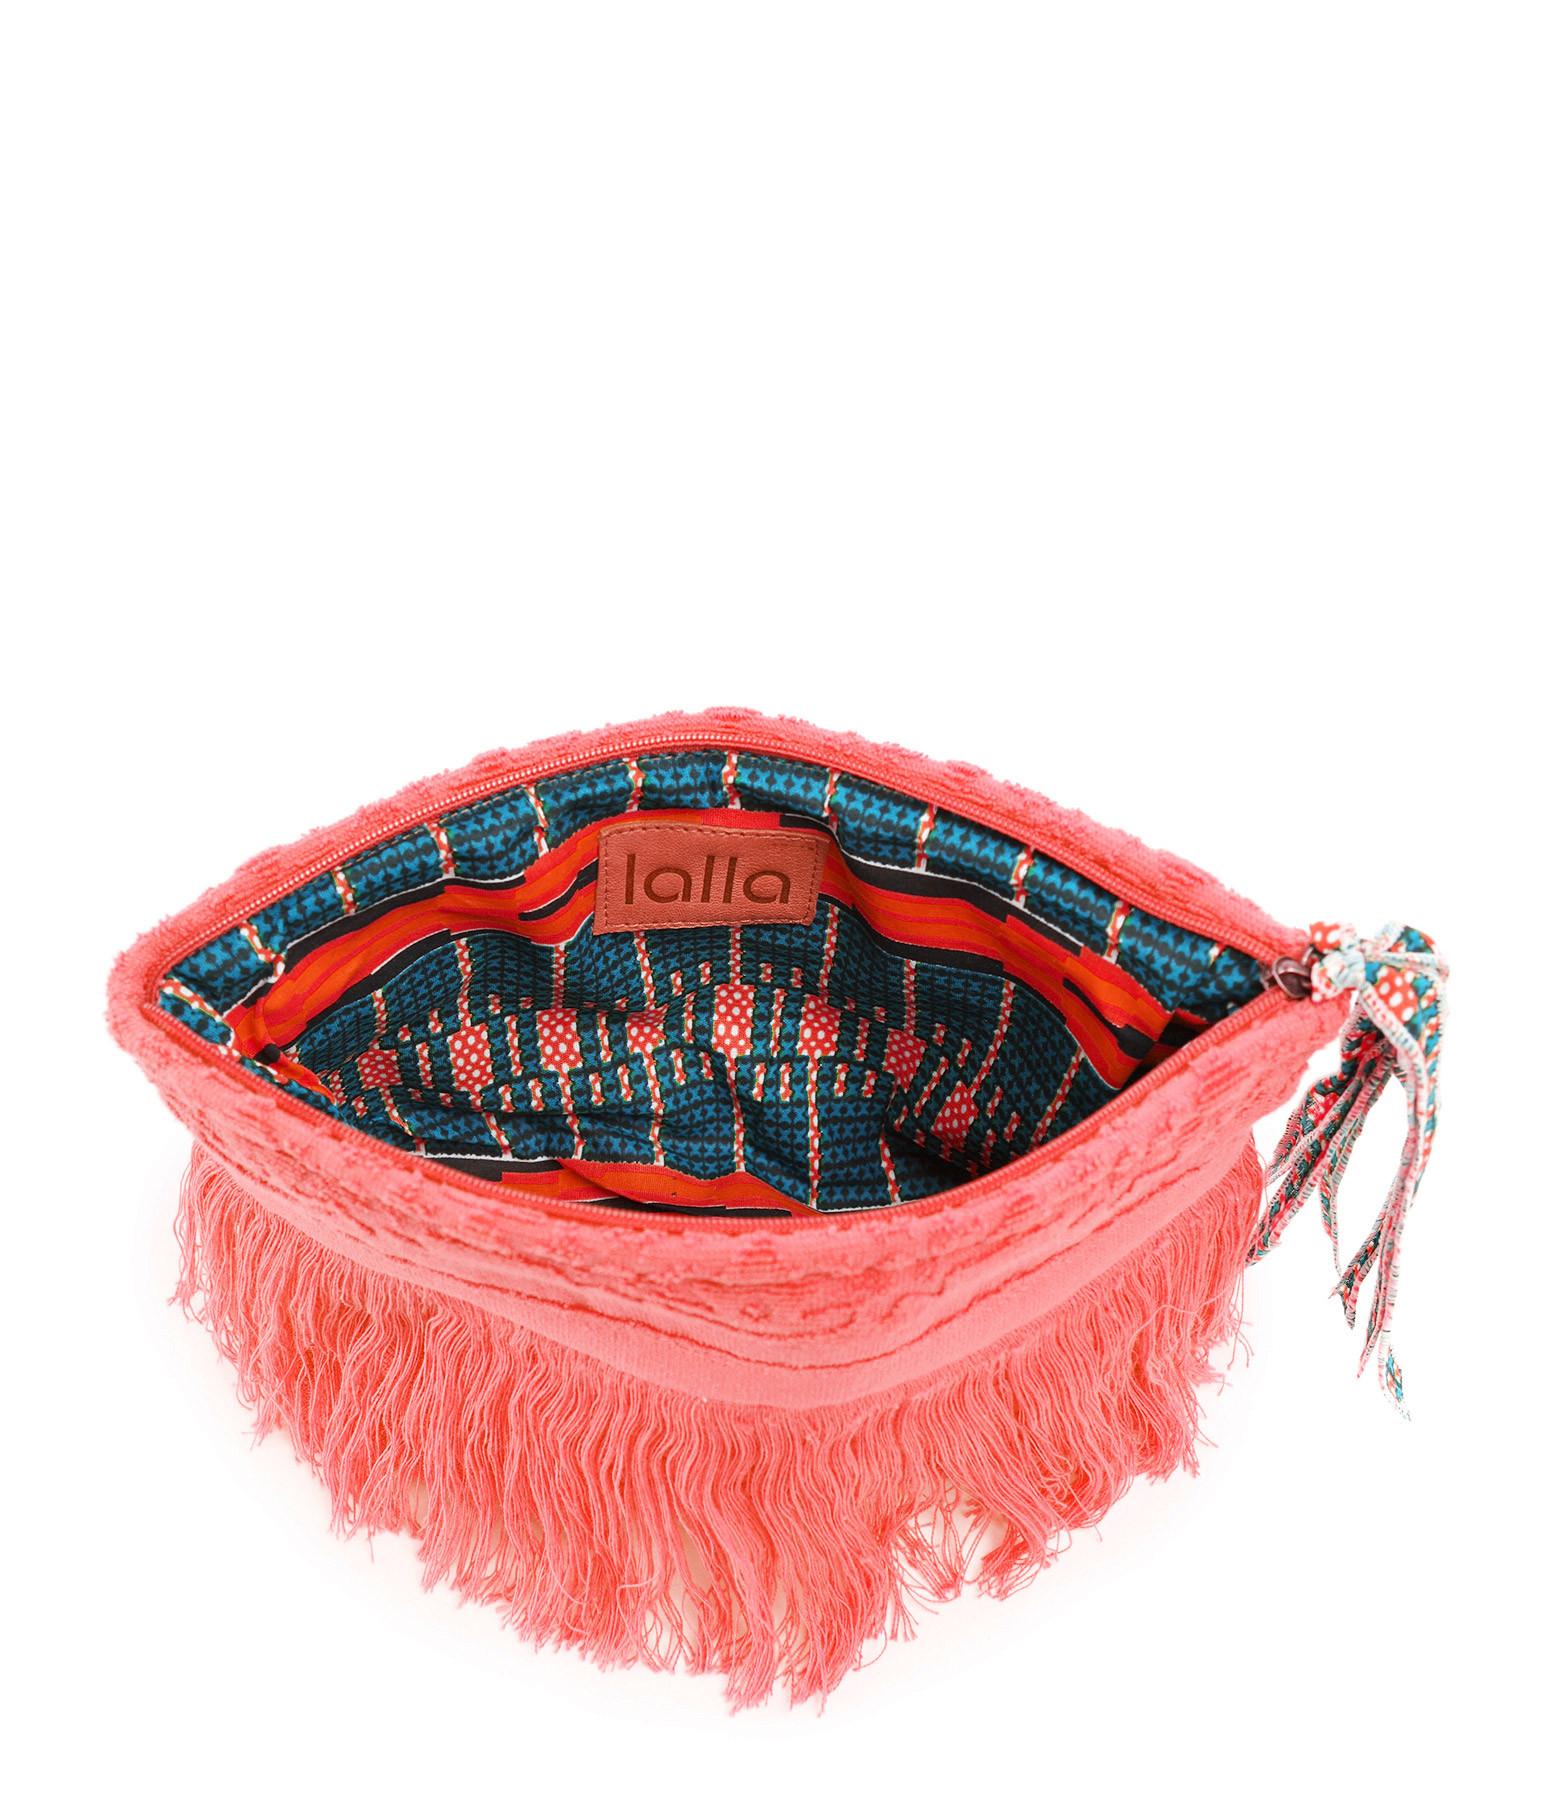 LALLA - Grande Trousse Walakin Hippie Éponge Pastèque